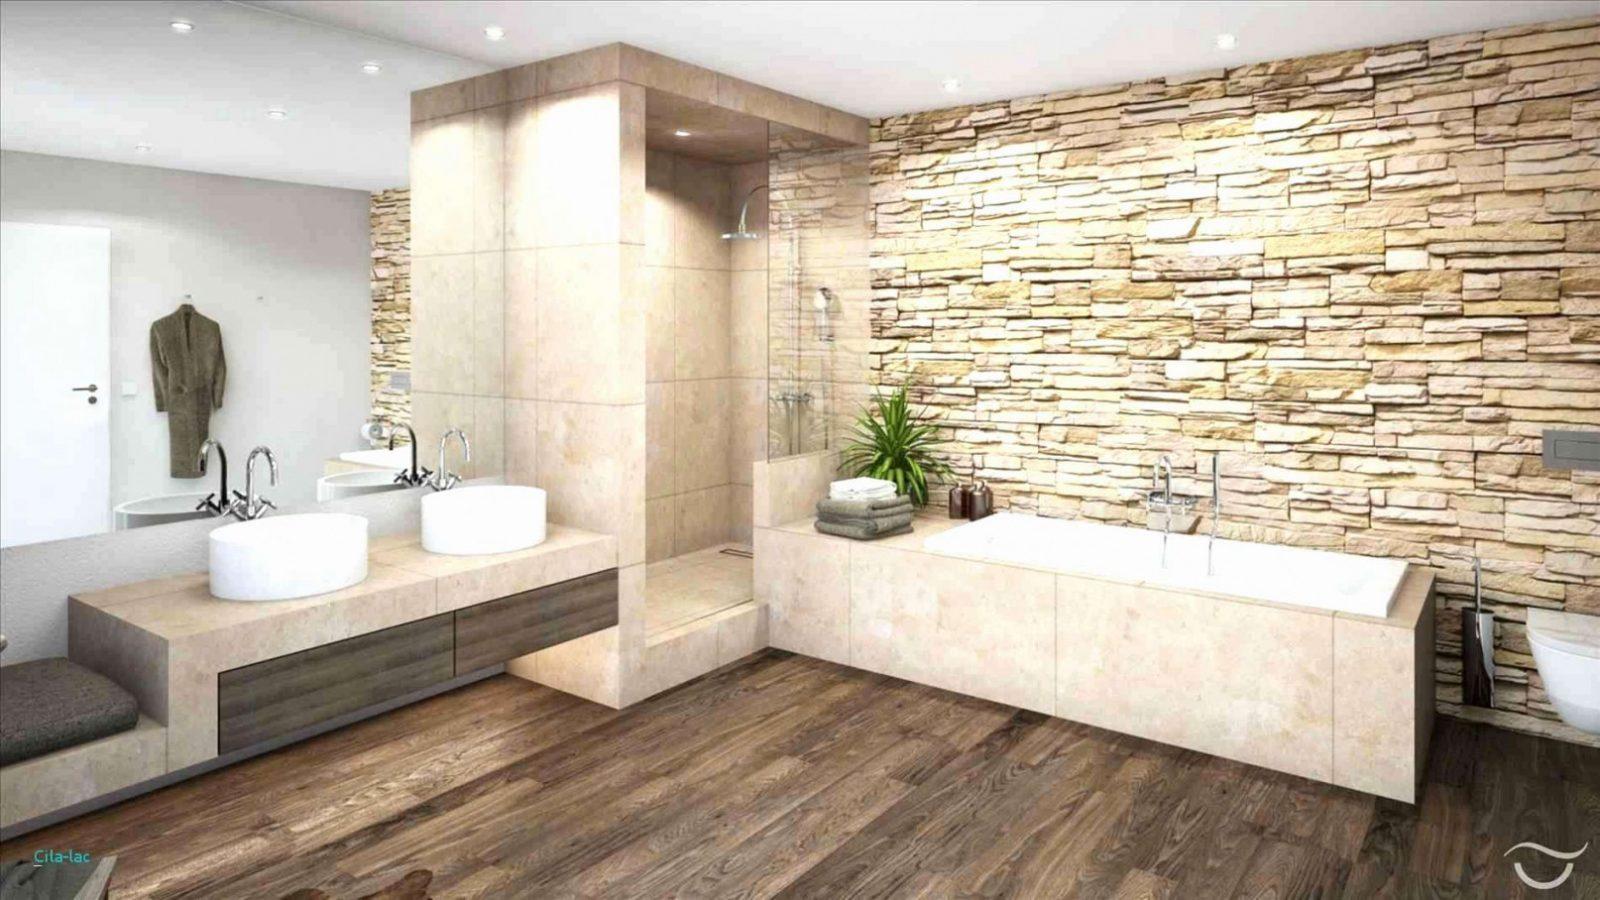 Gestaltung Badezimmer Genial Badezimmer Ideen Fliesen Design von Fliesen Badezimmer Ideen Bild